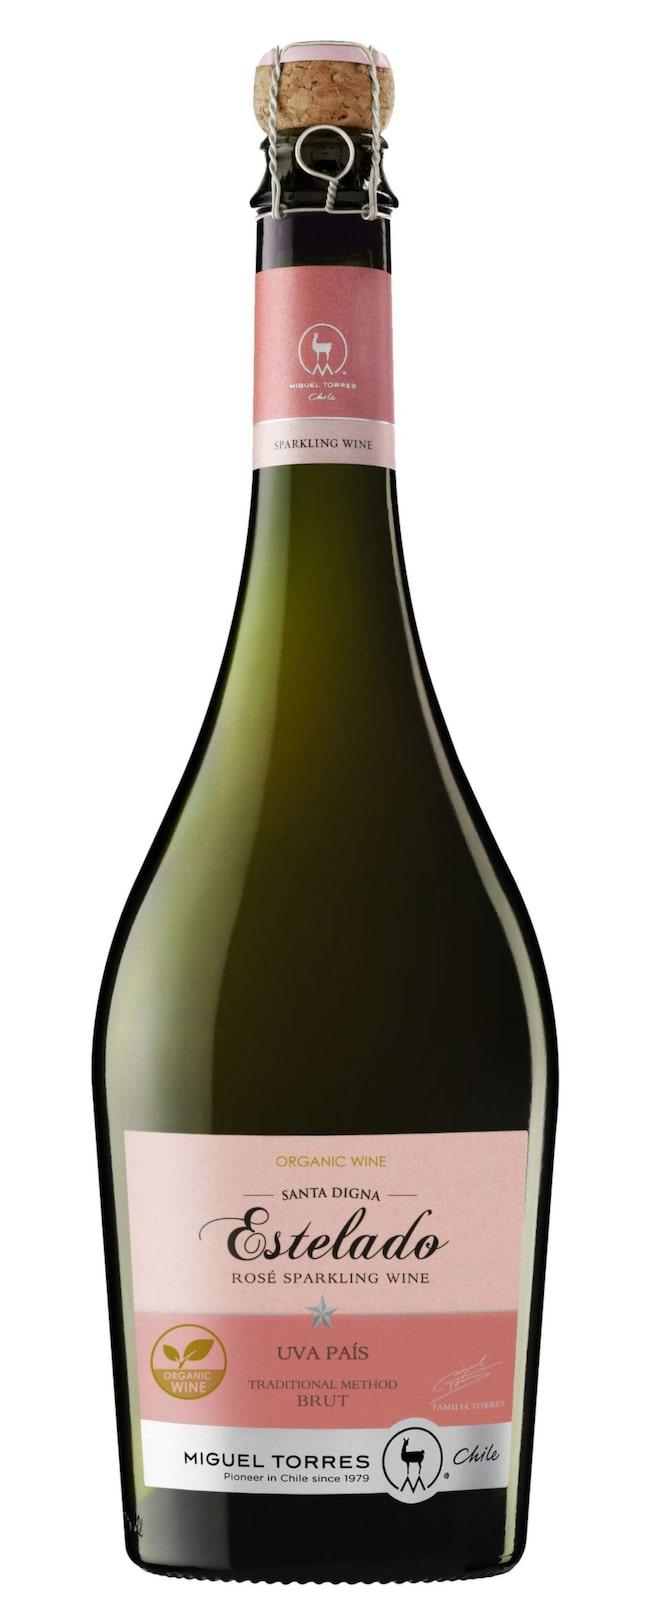 """Mousserande<br><span class=""""wasp-icon""""></span><span class=""""wasp-icon""""></span><span class=""""wasp-icon""""></span><br><strong>Estelado Rosé Sparkling Wine (7475) Chile, 87 kr</strong><br>Ekologiskt rosébubbel i lättsam stil. Inslag av smultron och citrus i torr och syrlig stil. God som drink tillsammans med laxsnittar."""